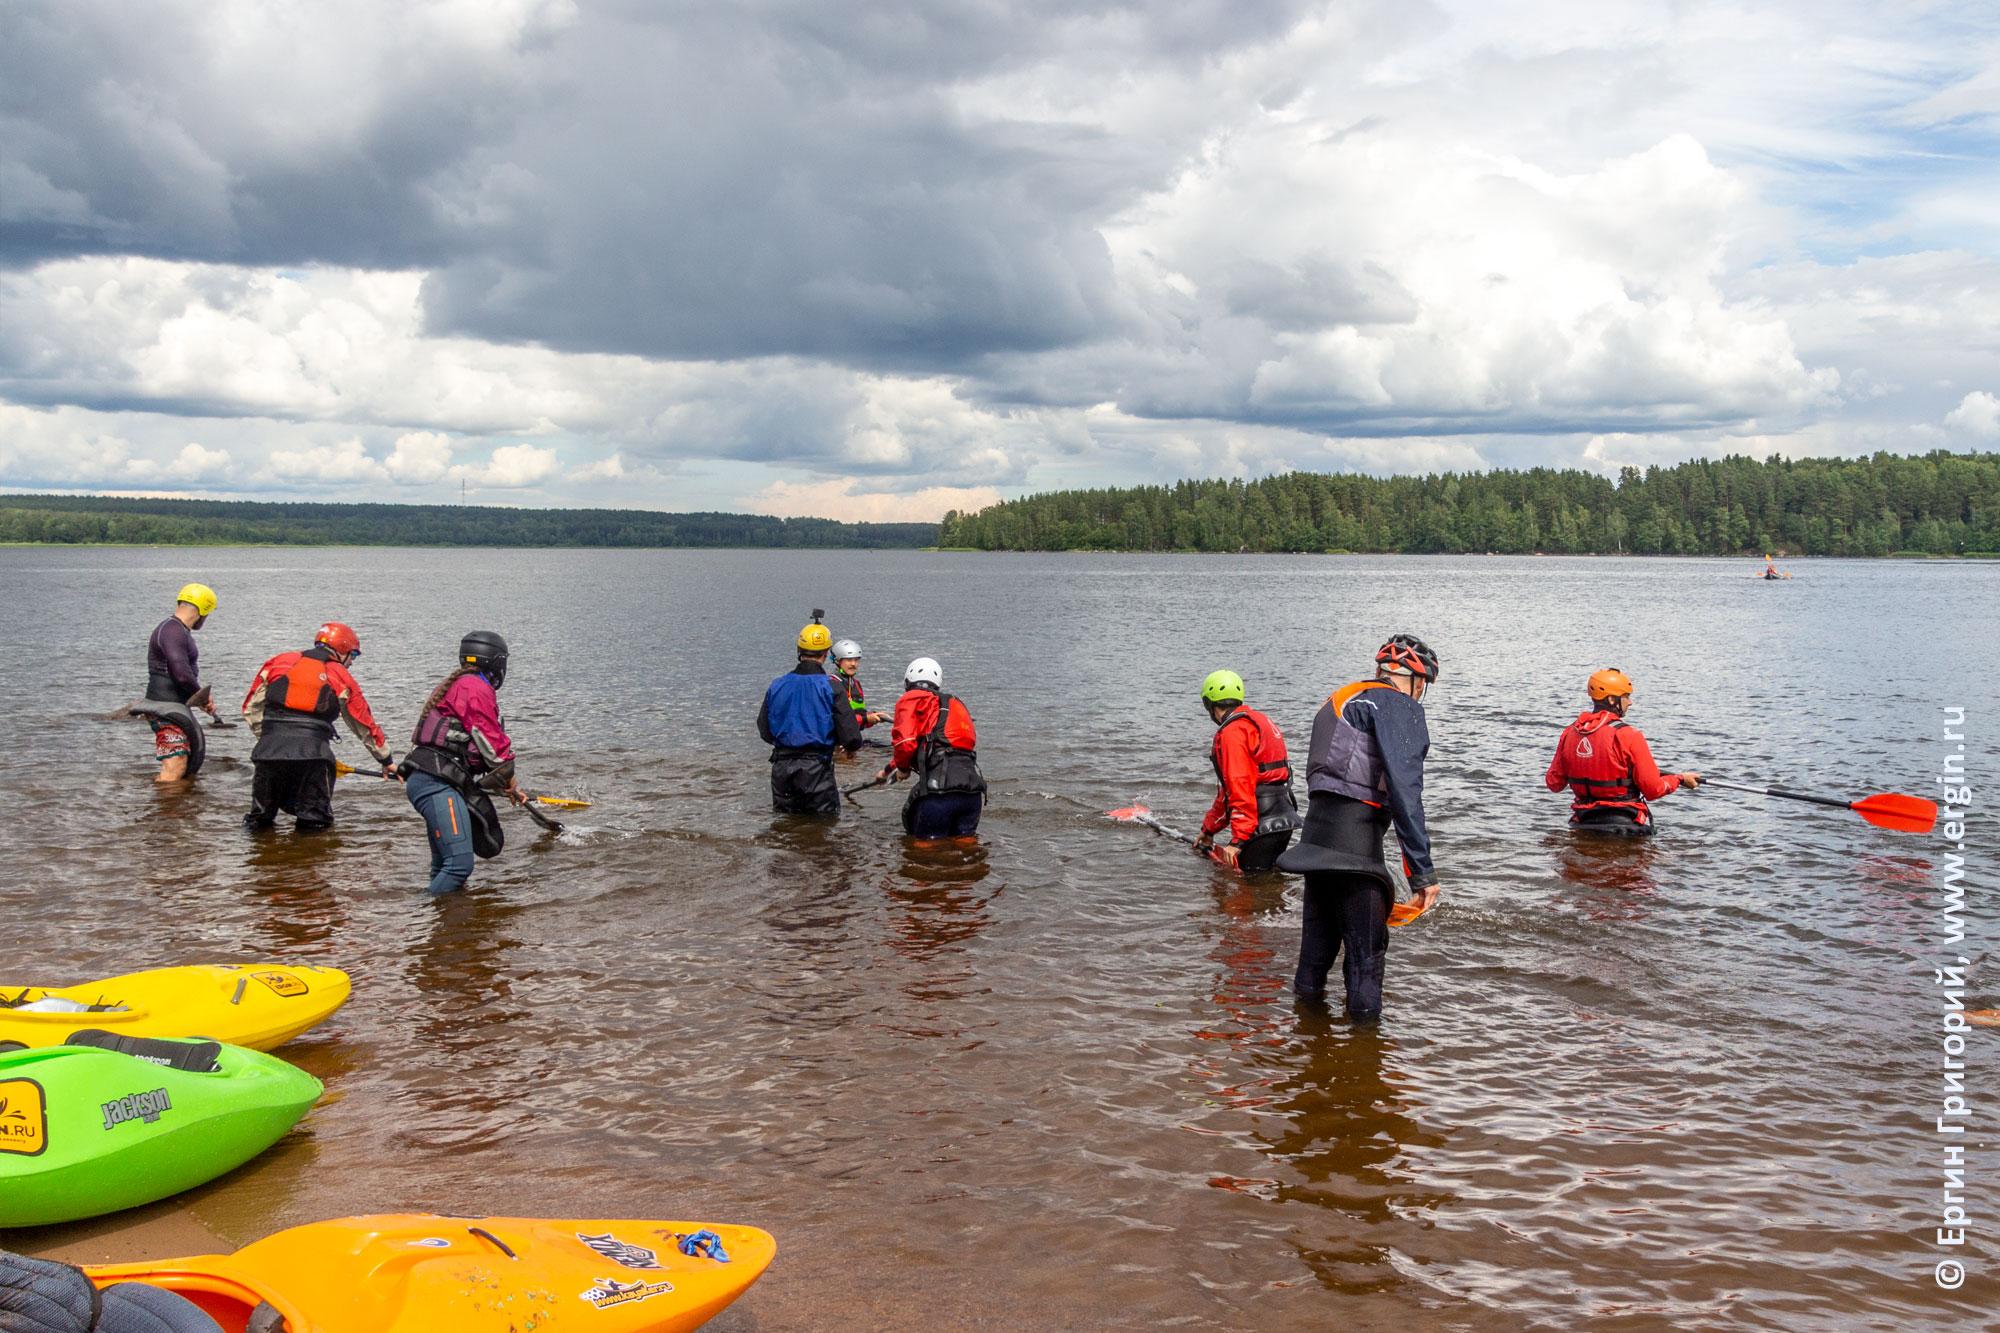 Упражнения в воде с веслами без каяков для отработки правильной опоры